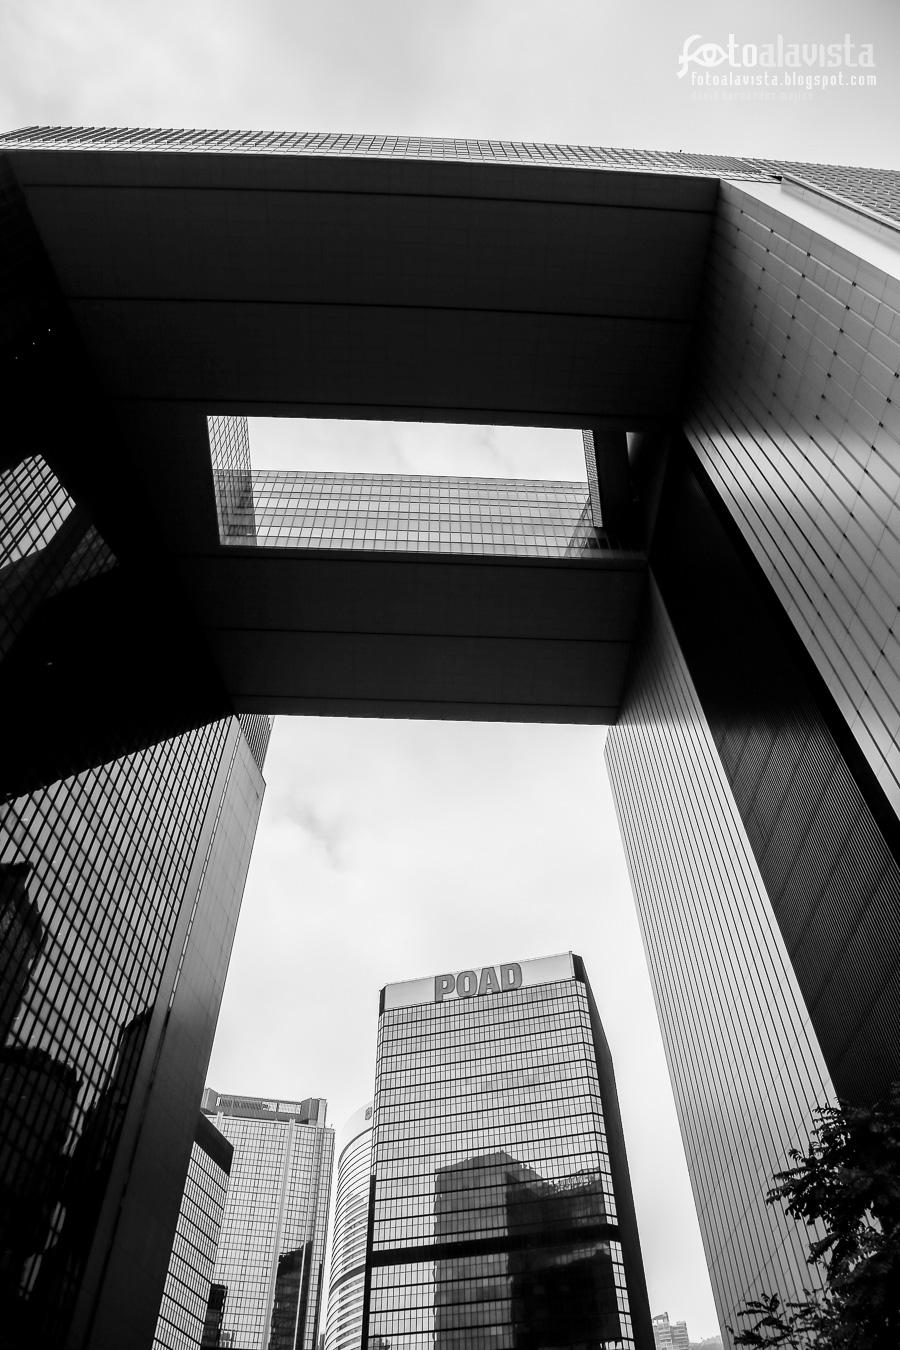 Los edificios recortan el cielo - Fotografía artística